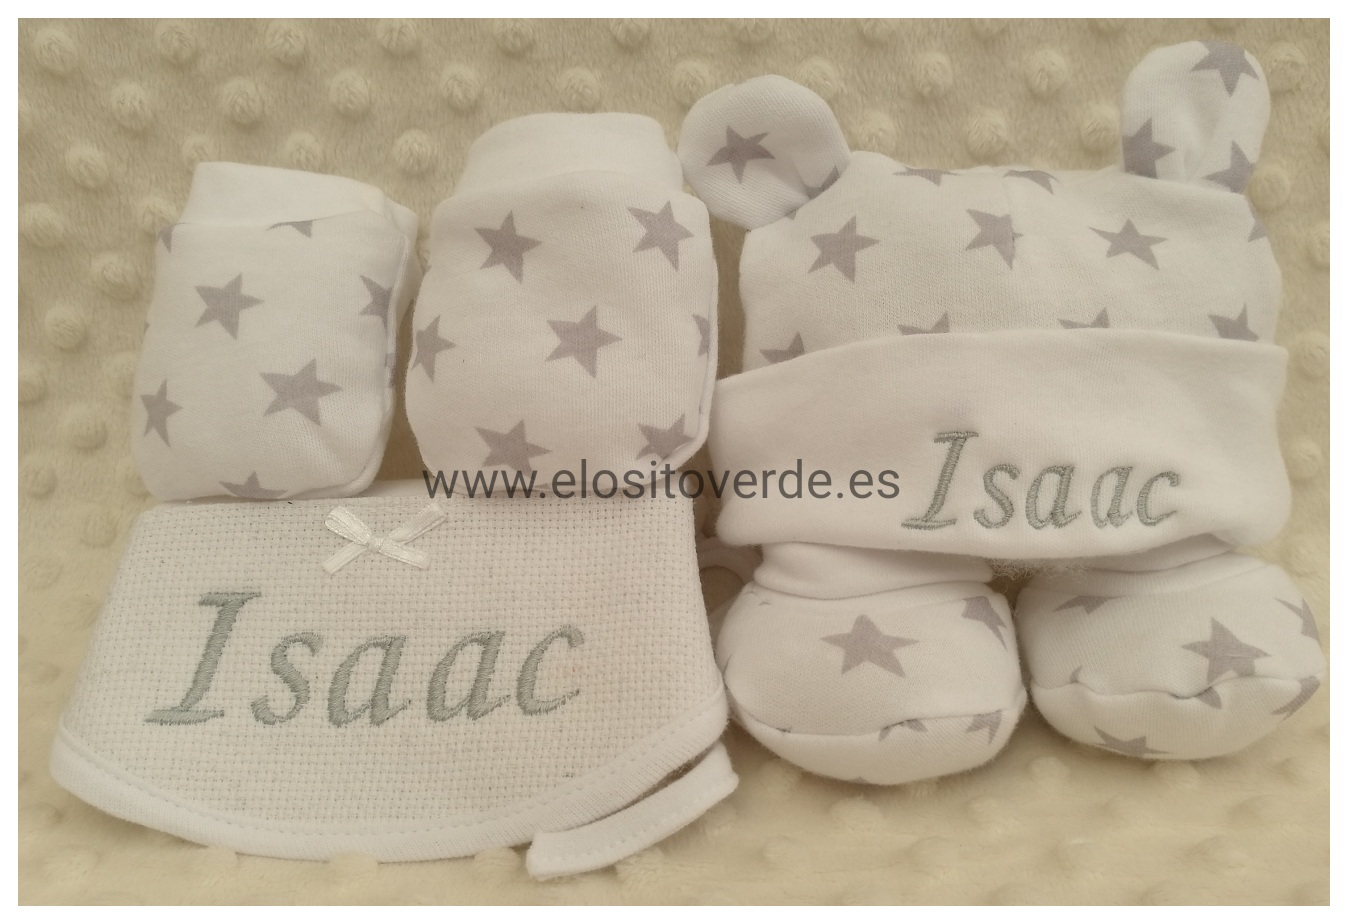 453d3490067f1 Conjunto recién nacido babero manoplas patucos y gorro bordados gris  estrellas.jpg